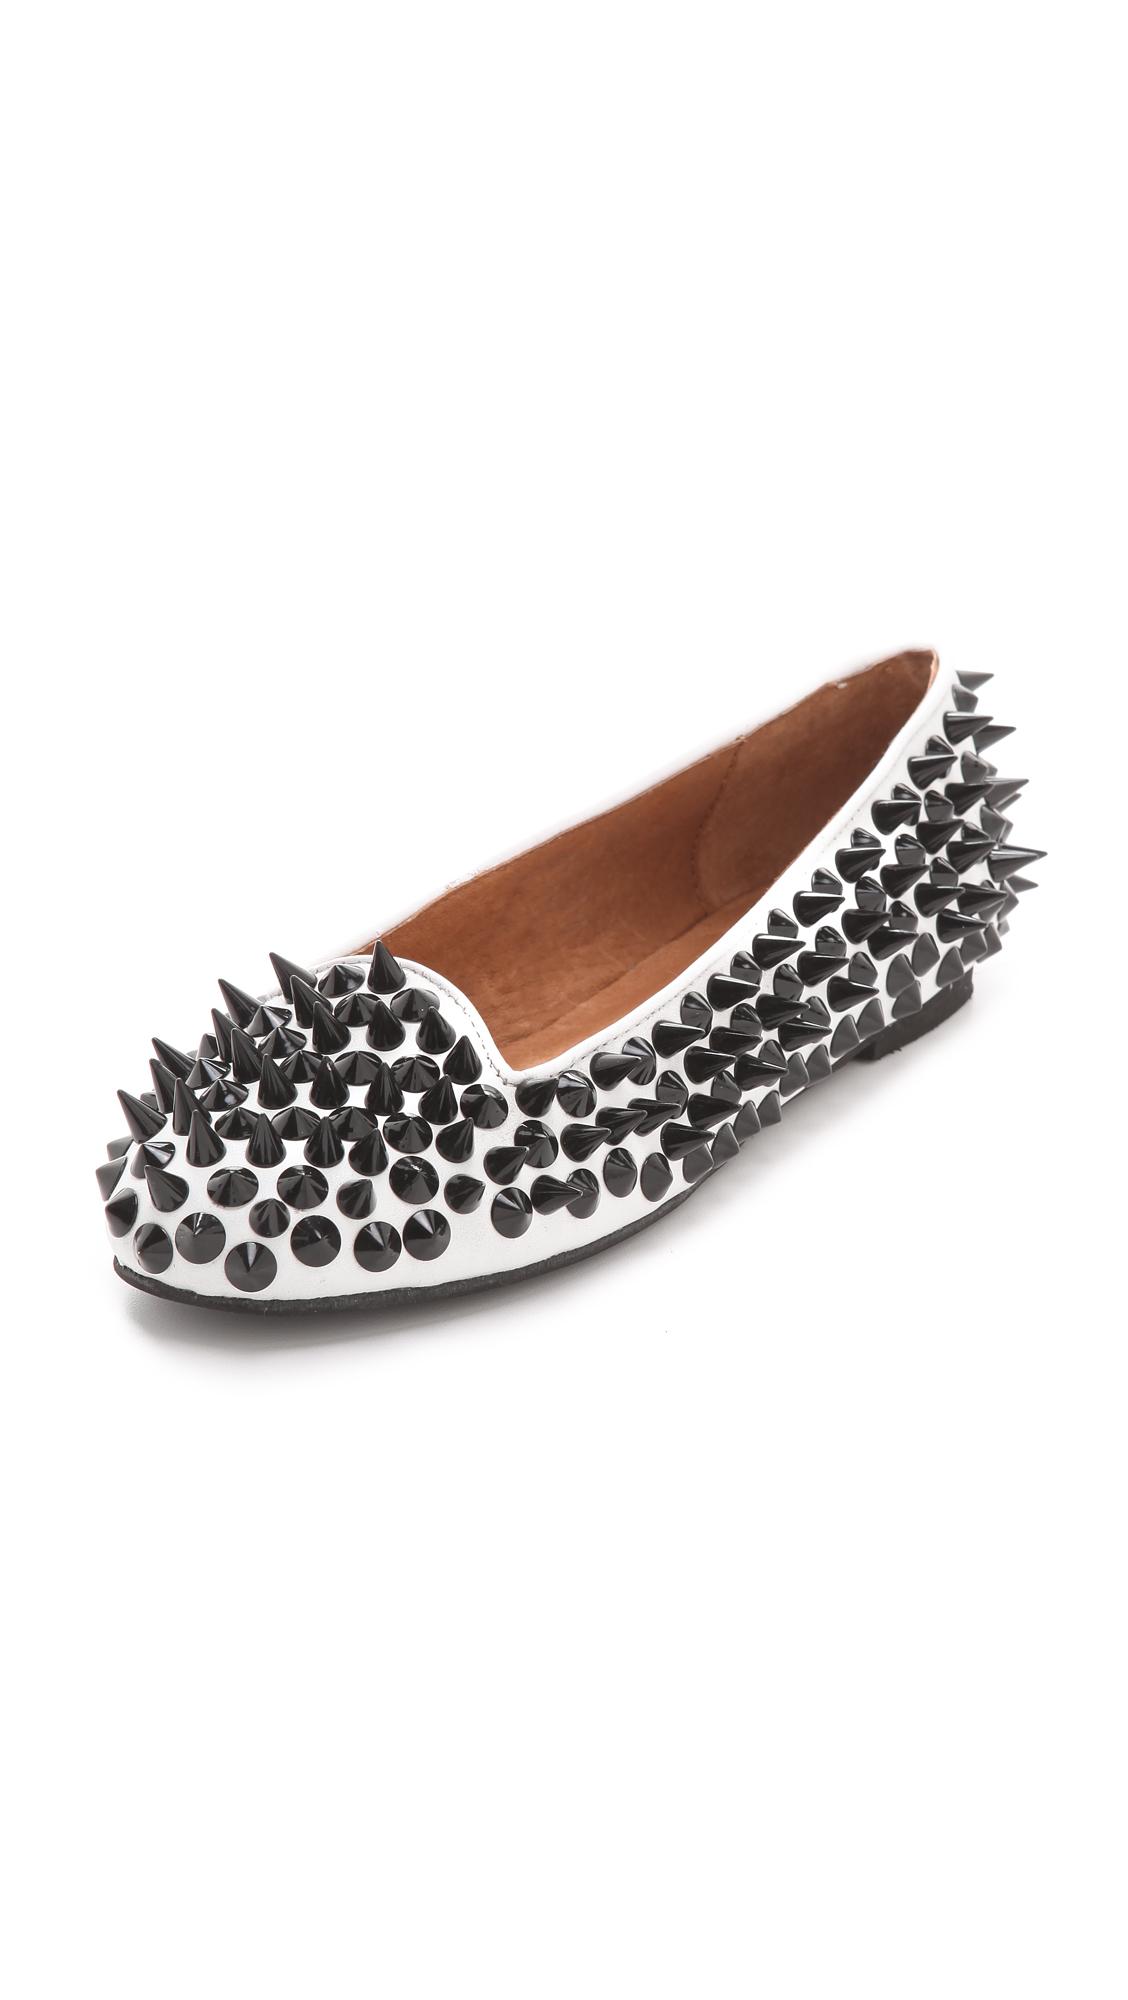 Krisp Soft Pu Metal Studded Nude Loafer Shoes